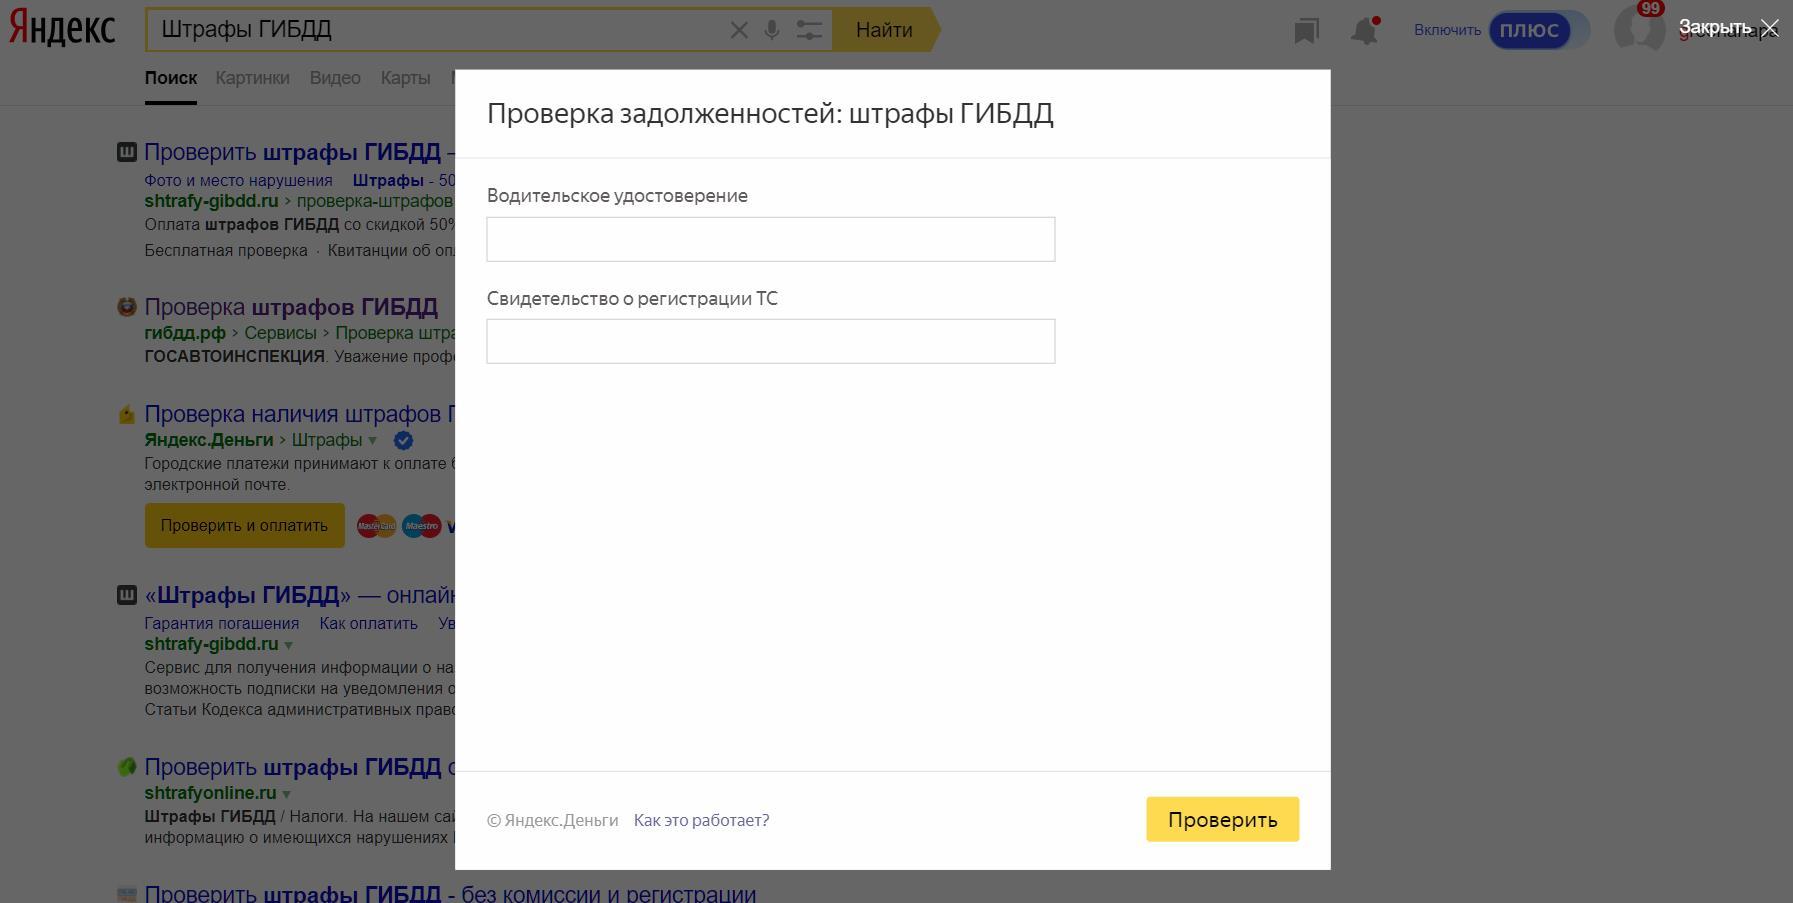 Окно Проверка задолженностей штрафы ГИБДД